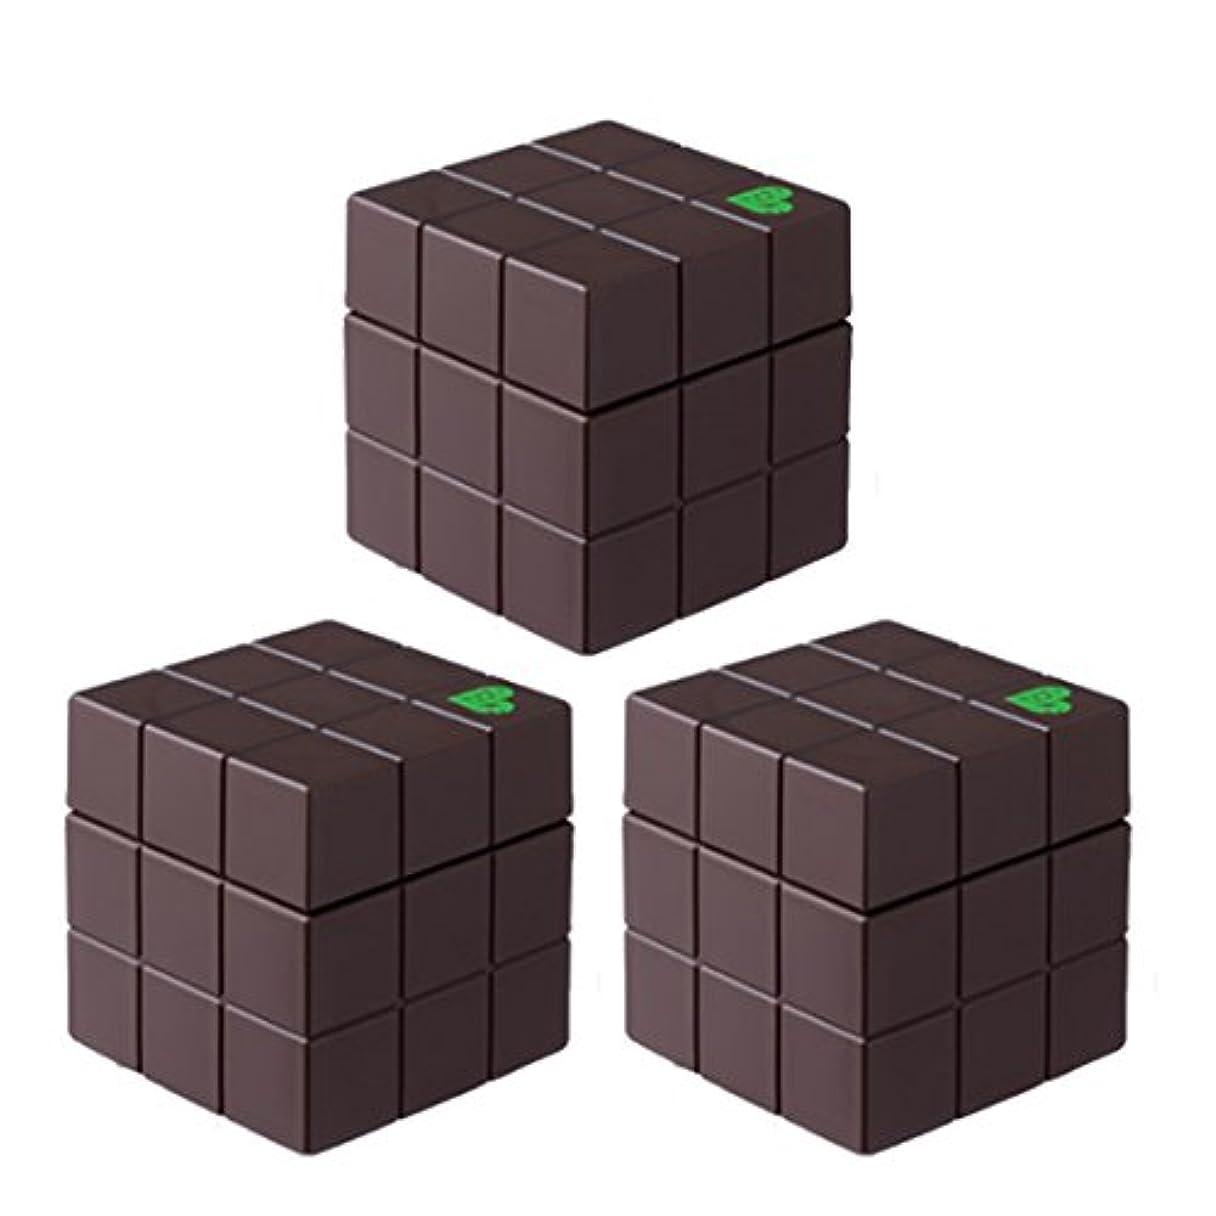 立ち寄る窒息させる形式【X3個セット】 アリミノ ピース プロデザインシリーズ ハードワックス チョコ 80g ARIMINO